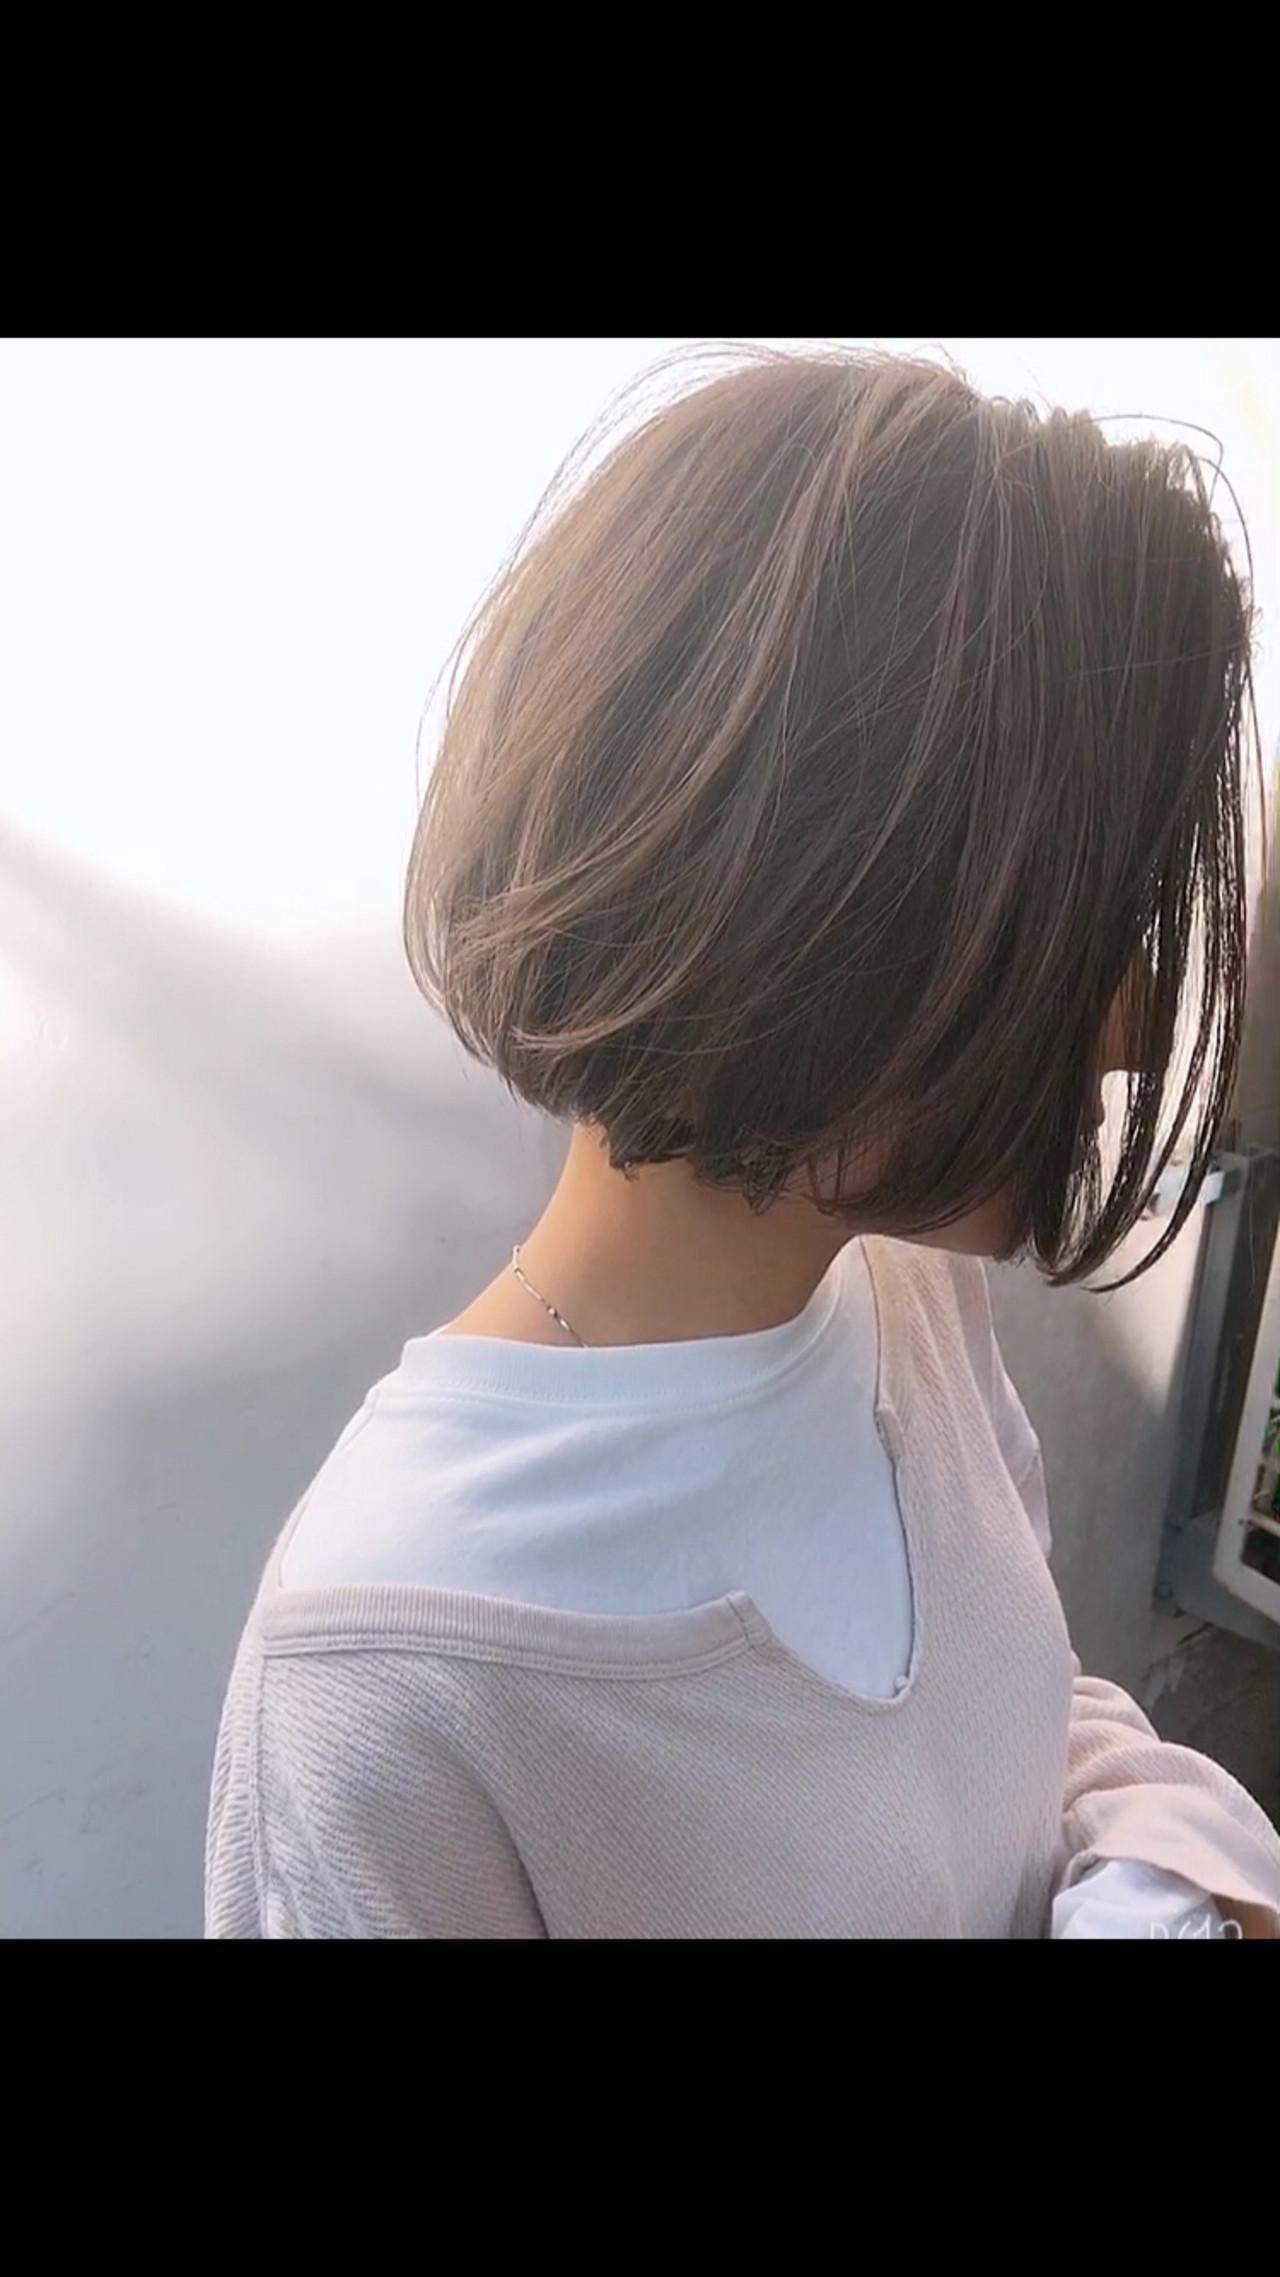 ボブ ミニボブ 外国人風カラー ショートボブ ヘアスタイルや髪型の写真・画像 | 高沼 達也 / byトルネード / トルネード